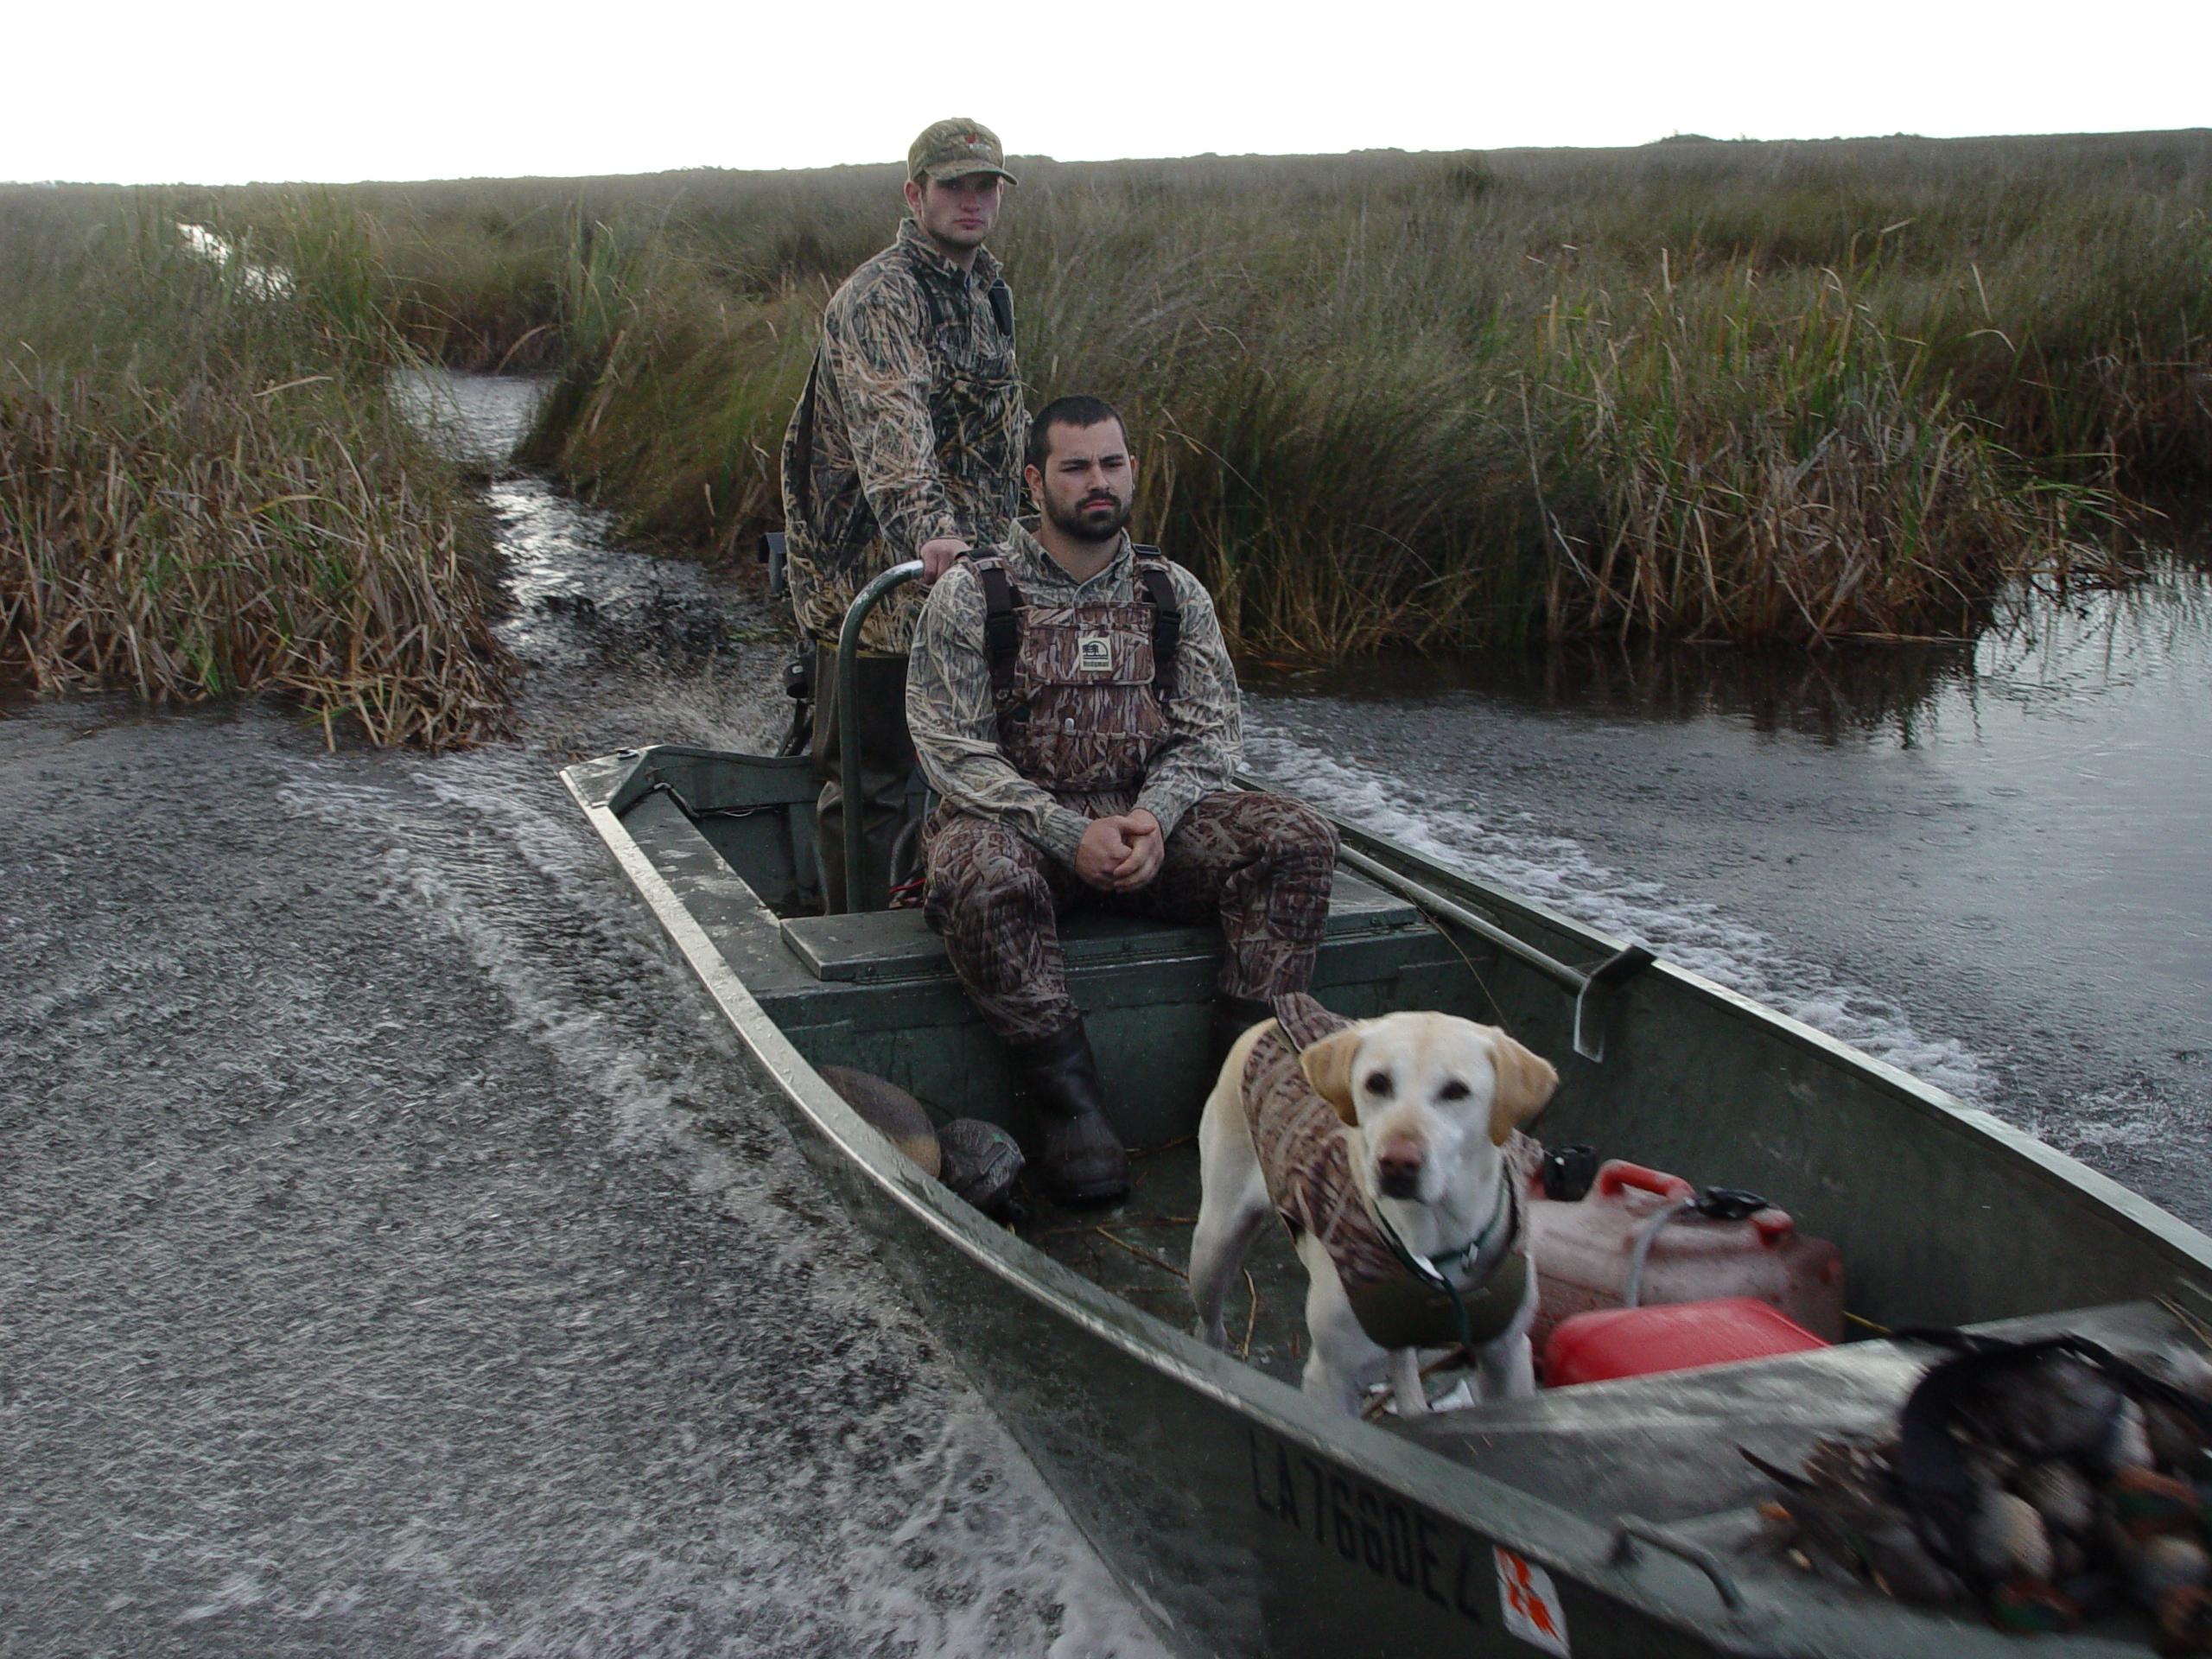 blind design boat jon blinds goch nice duck